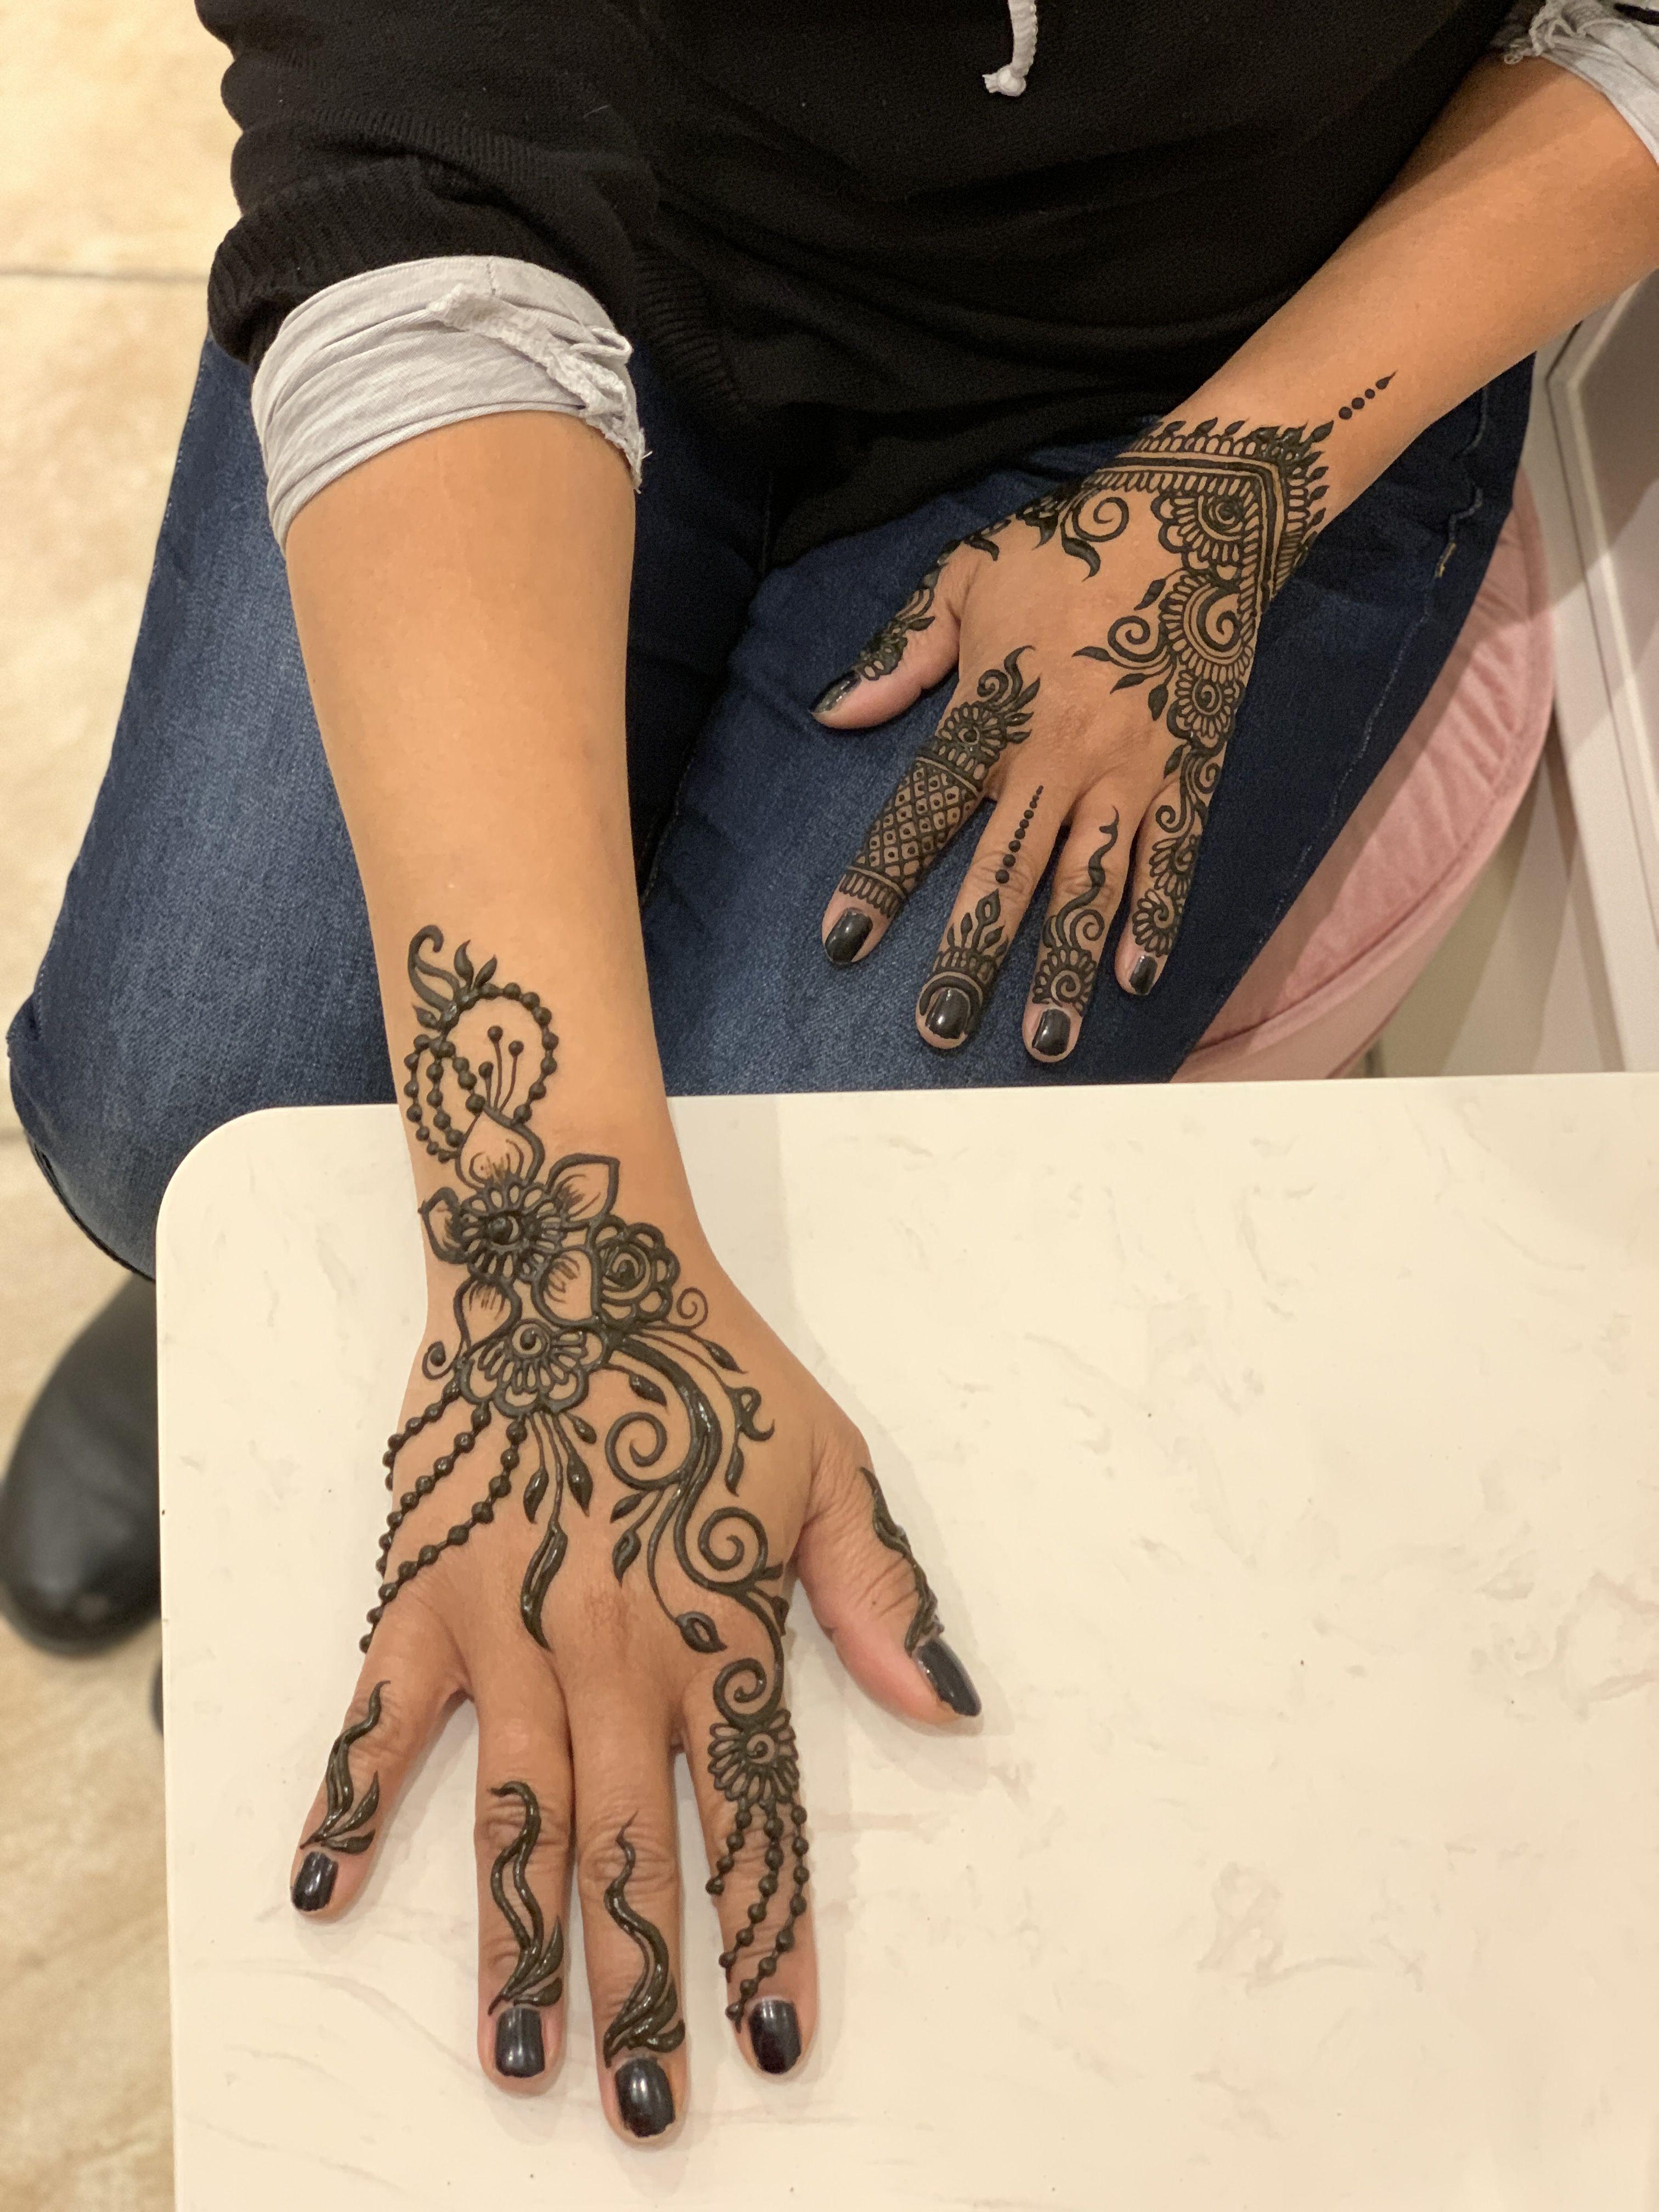 Gorgeous Hand Henna Hand Design In 2020 Henna Tattoo Kit Henna Designs Hand Henna Kit